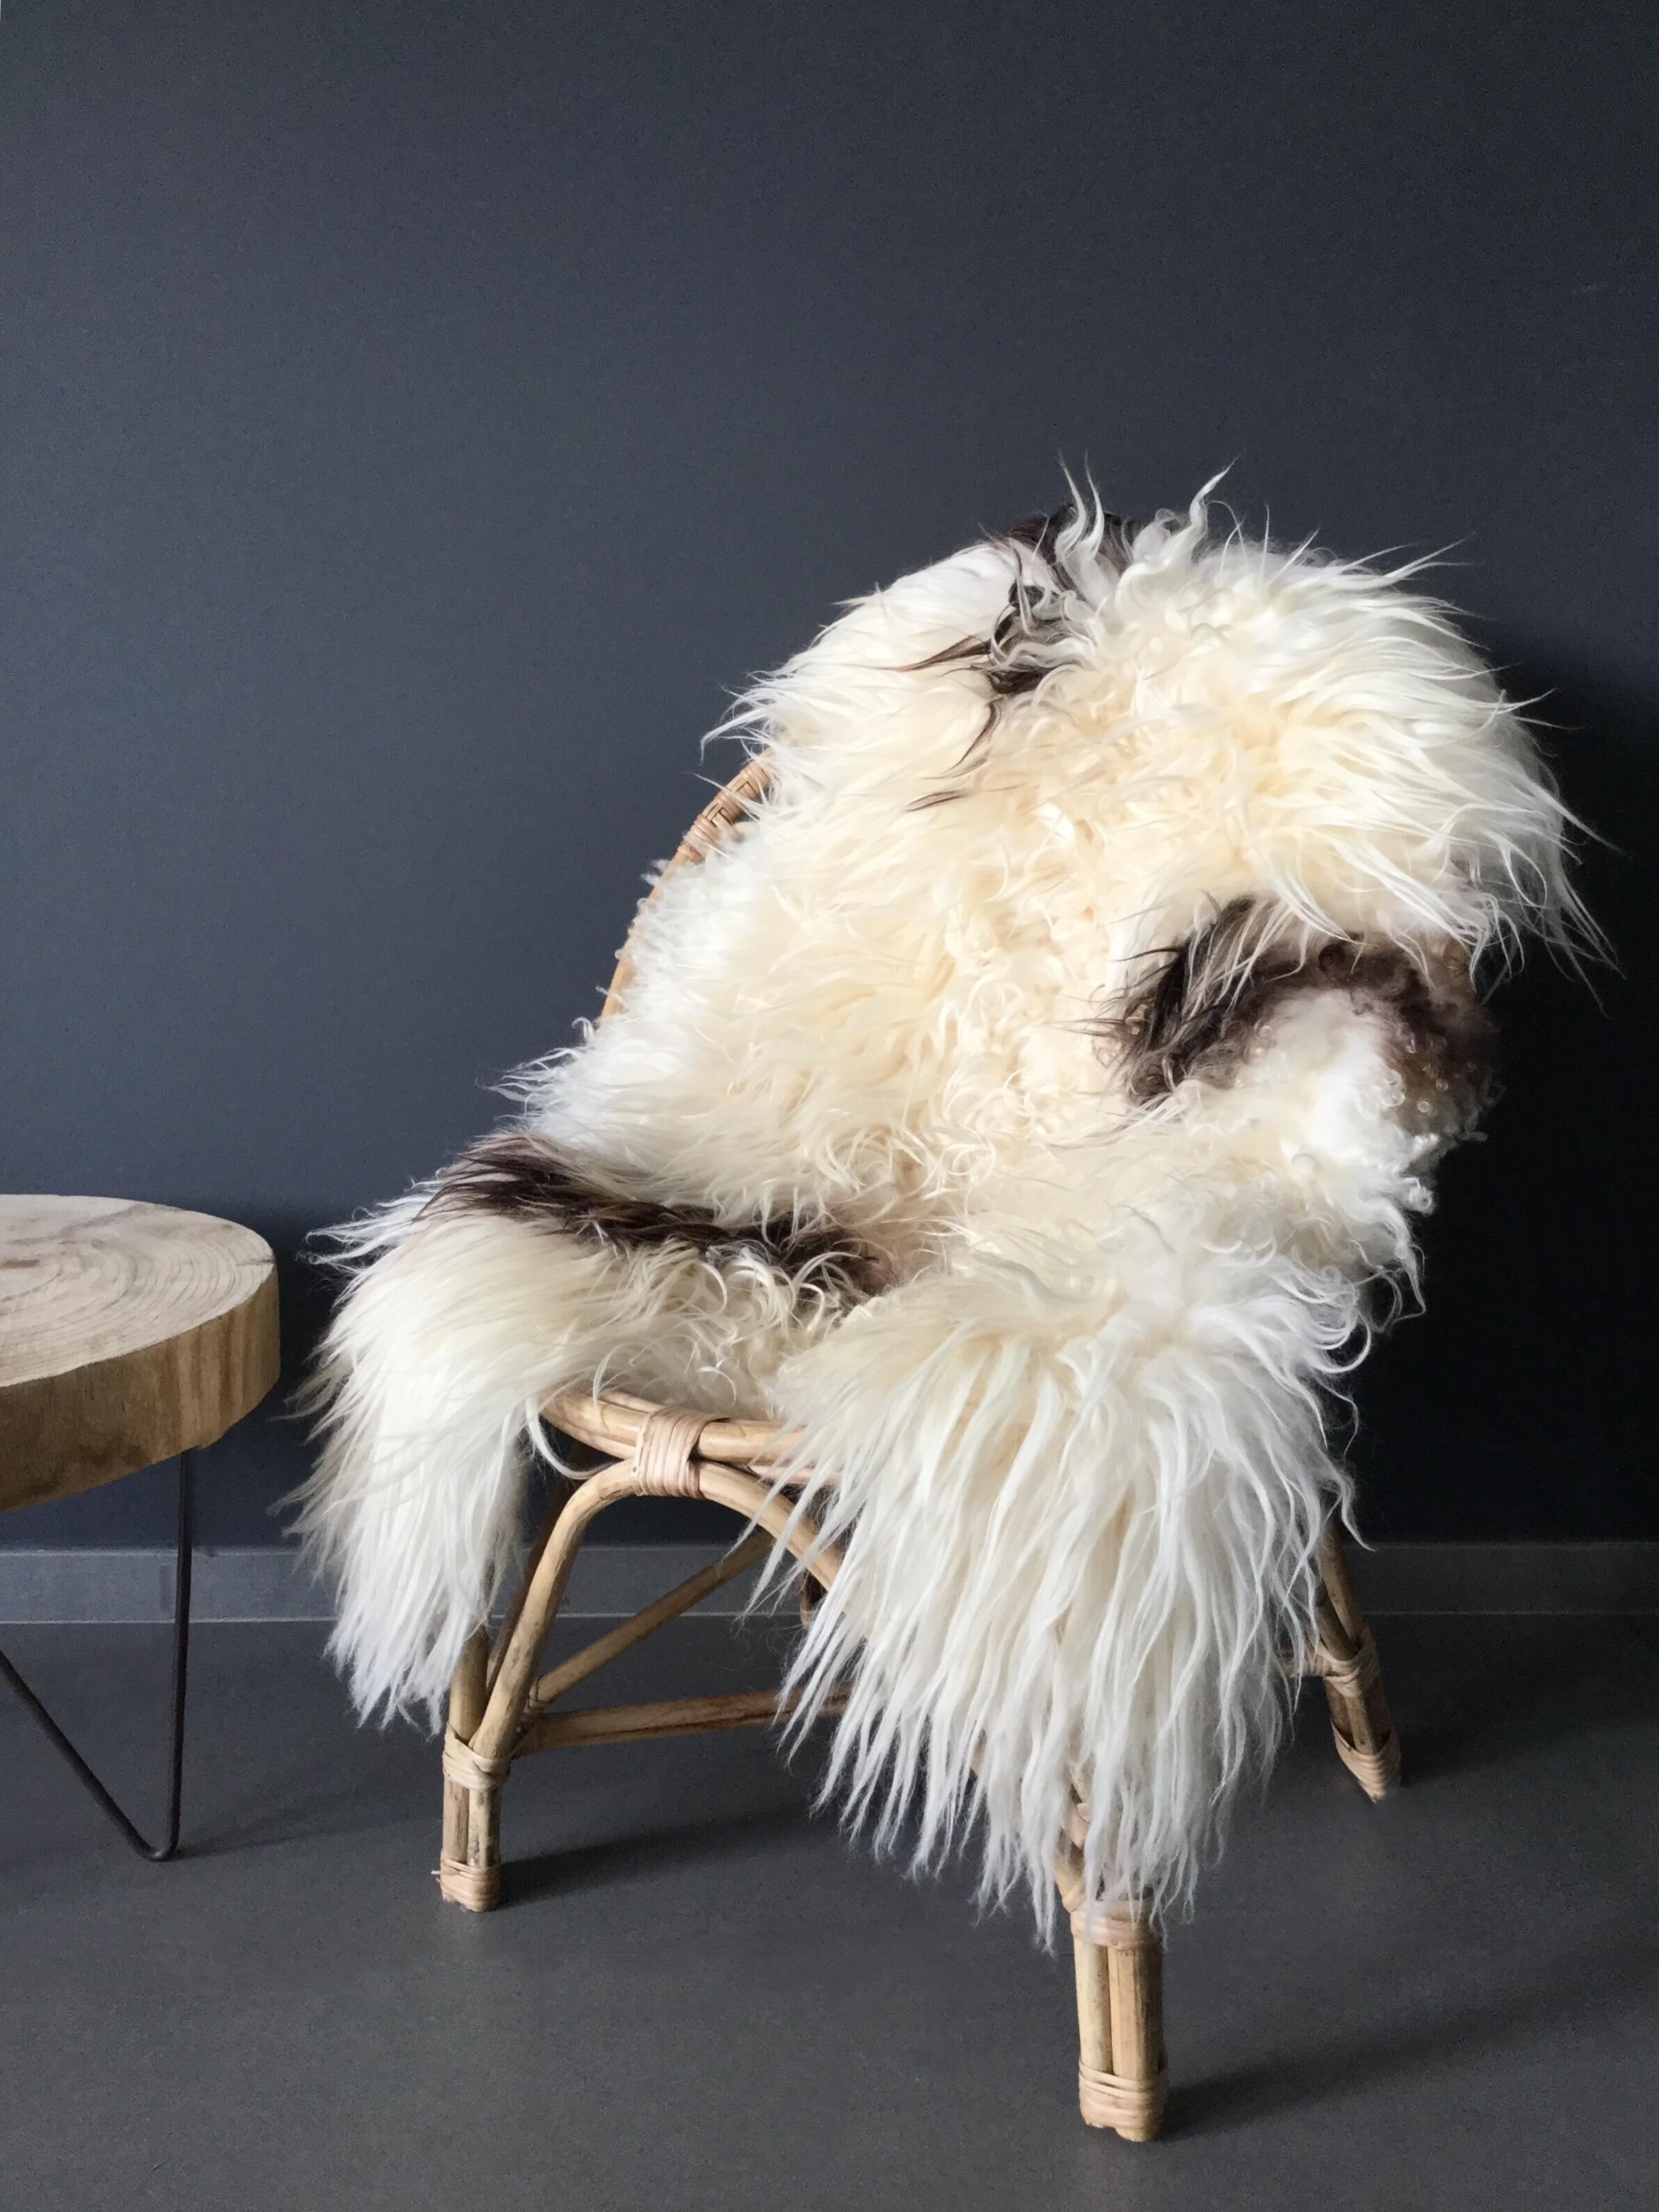 peau de mouton blanche avec t ches brunes noires maison saint sa. Black Bedroom Furniture Sets. Home Design Ideas